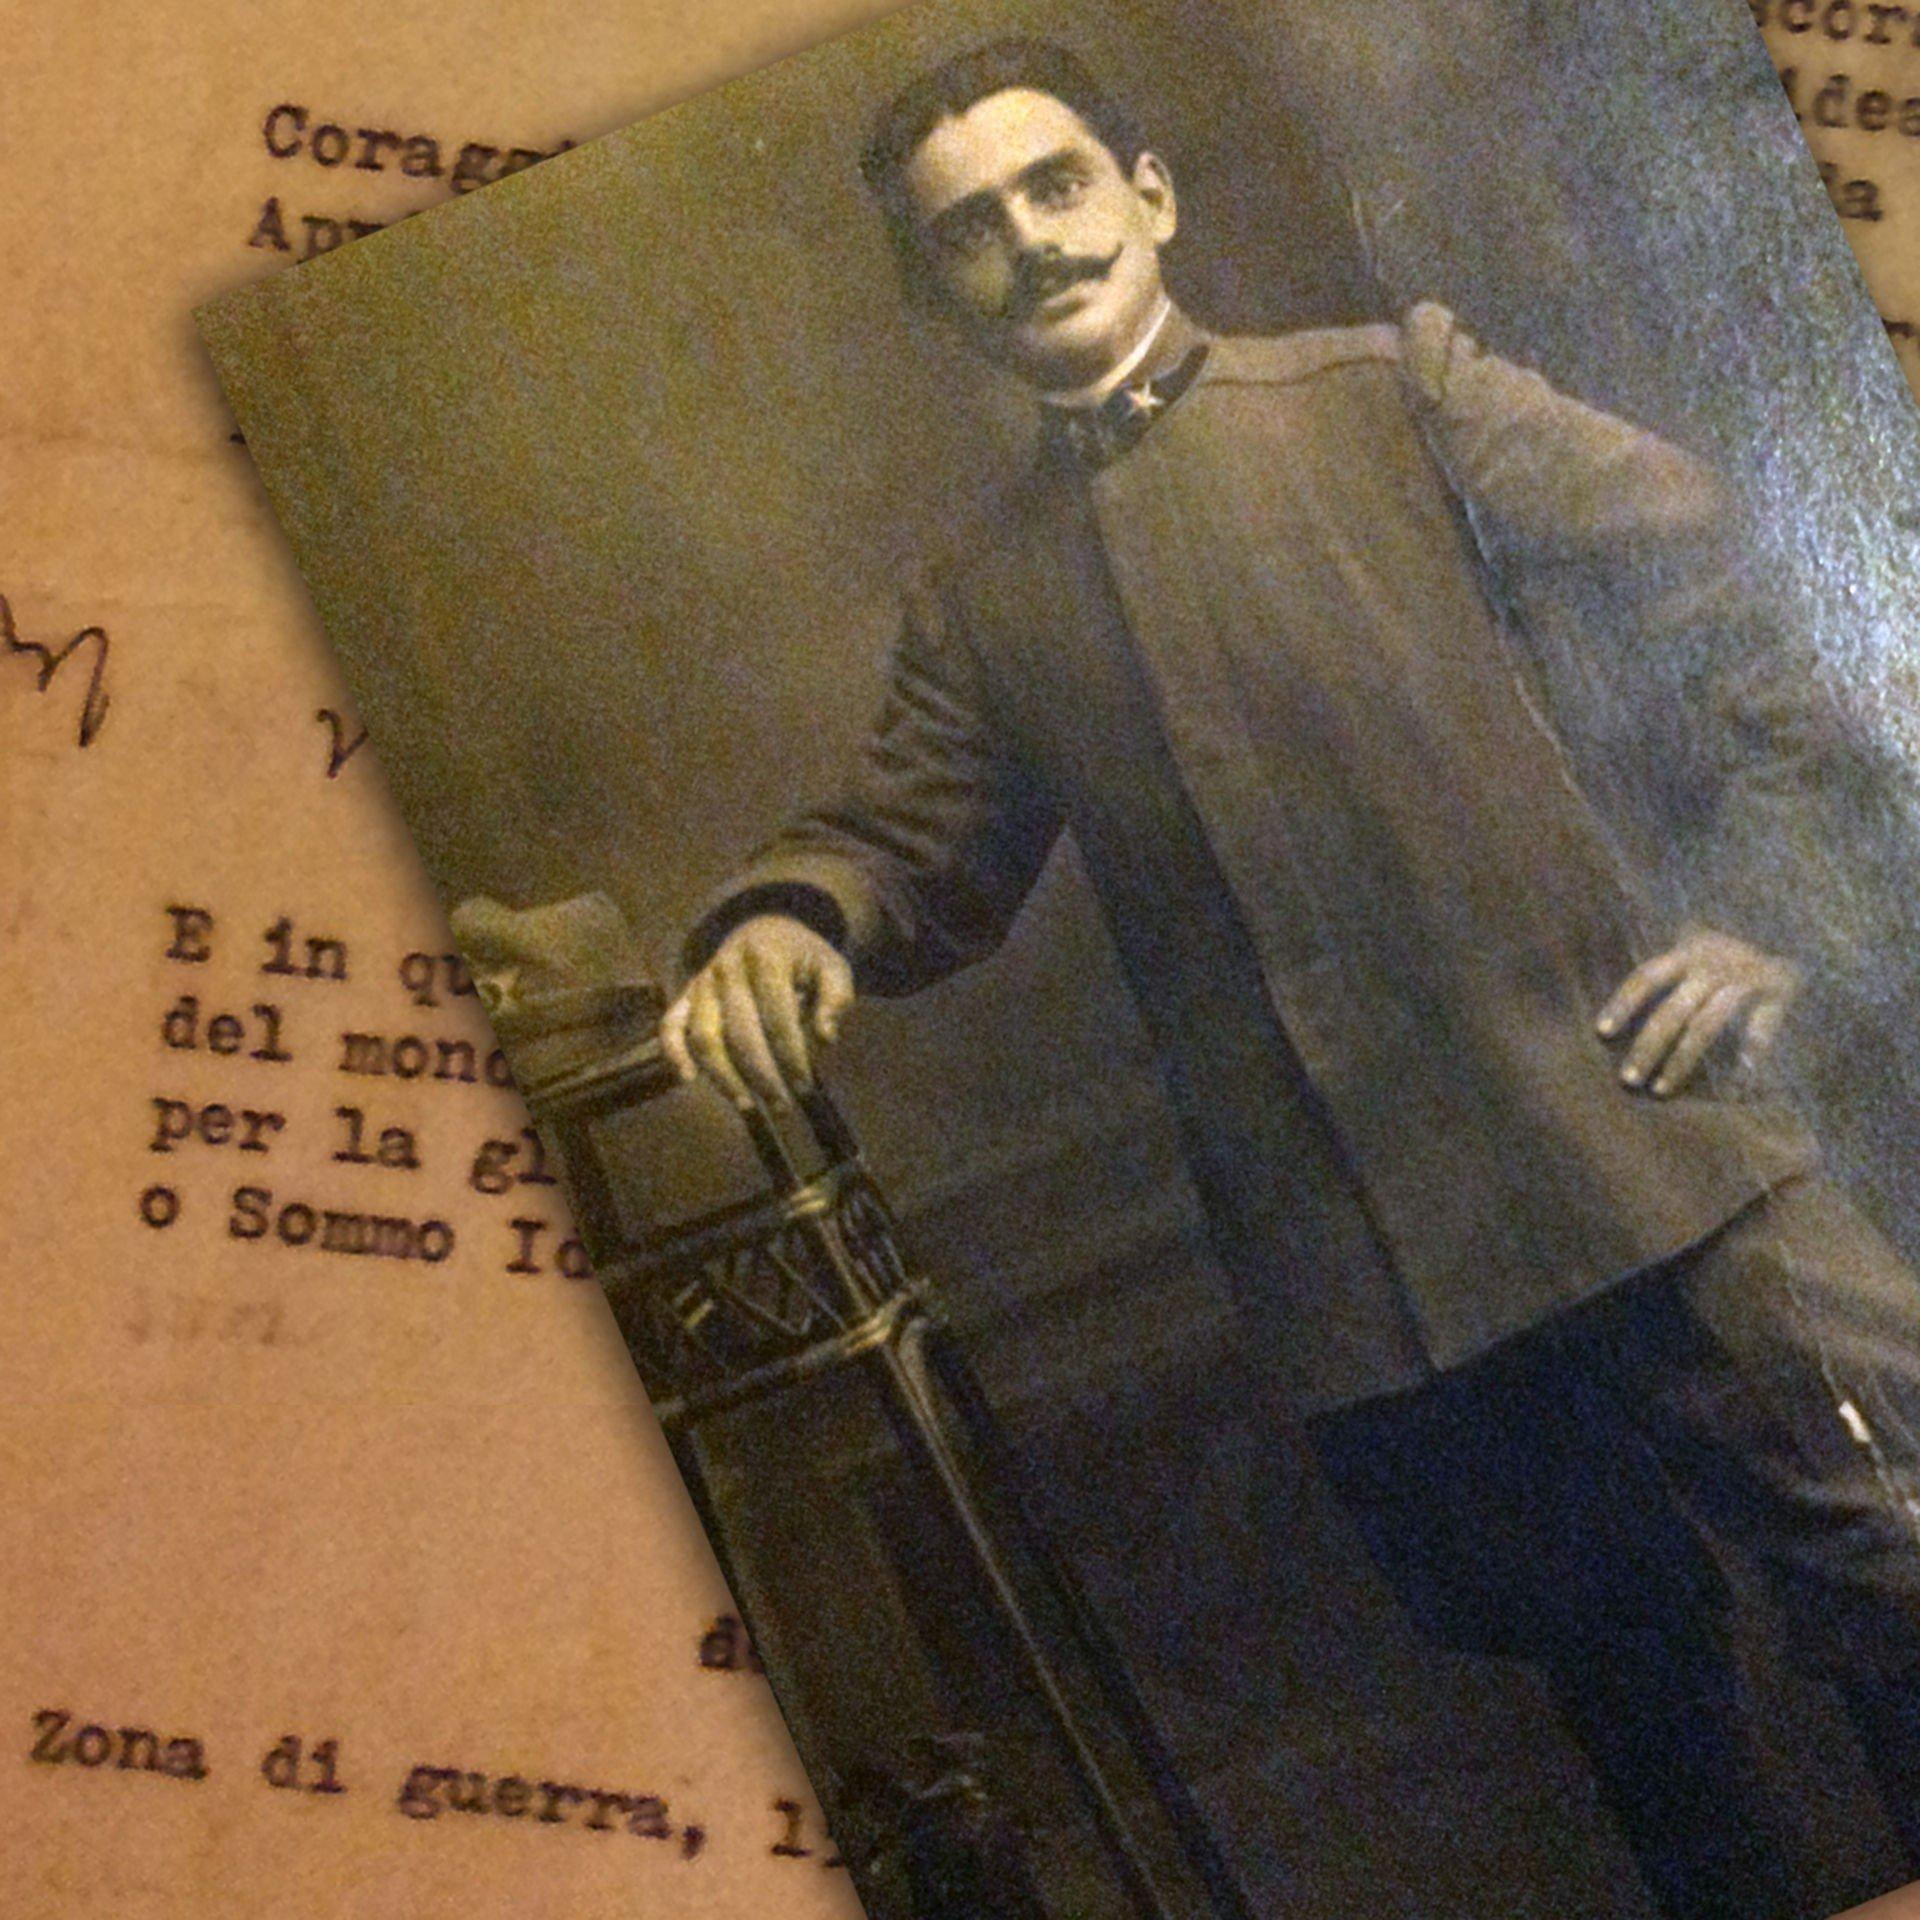 San Valentino – Amore e Arte – Poesia di un soldato da una zona di guerra (1917)